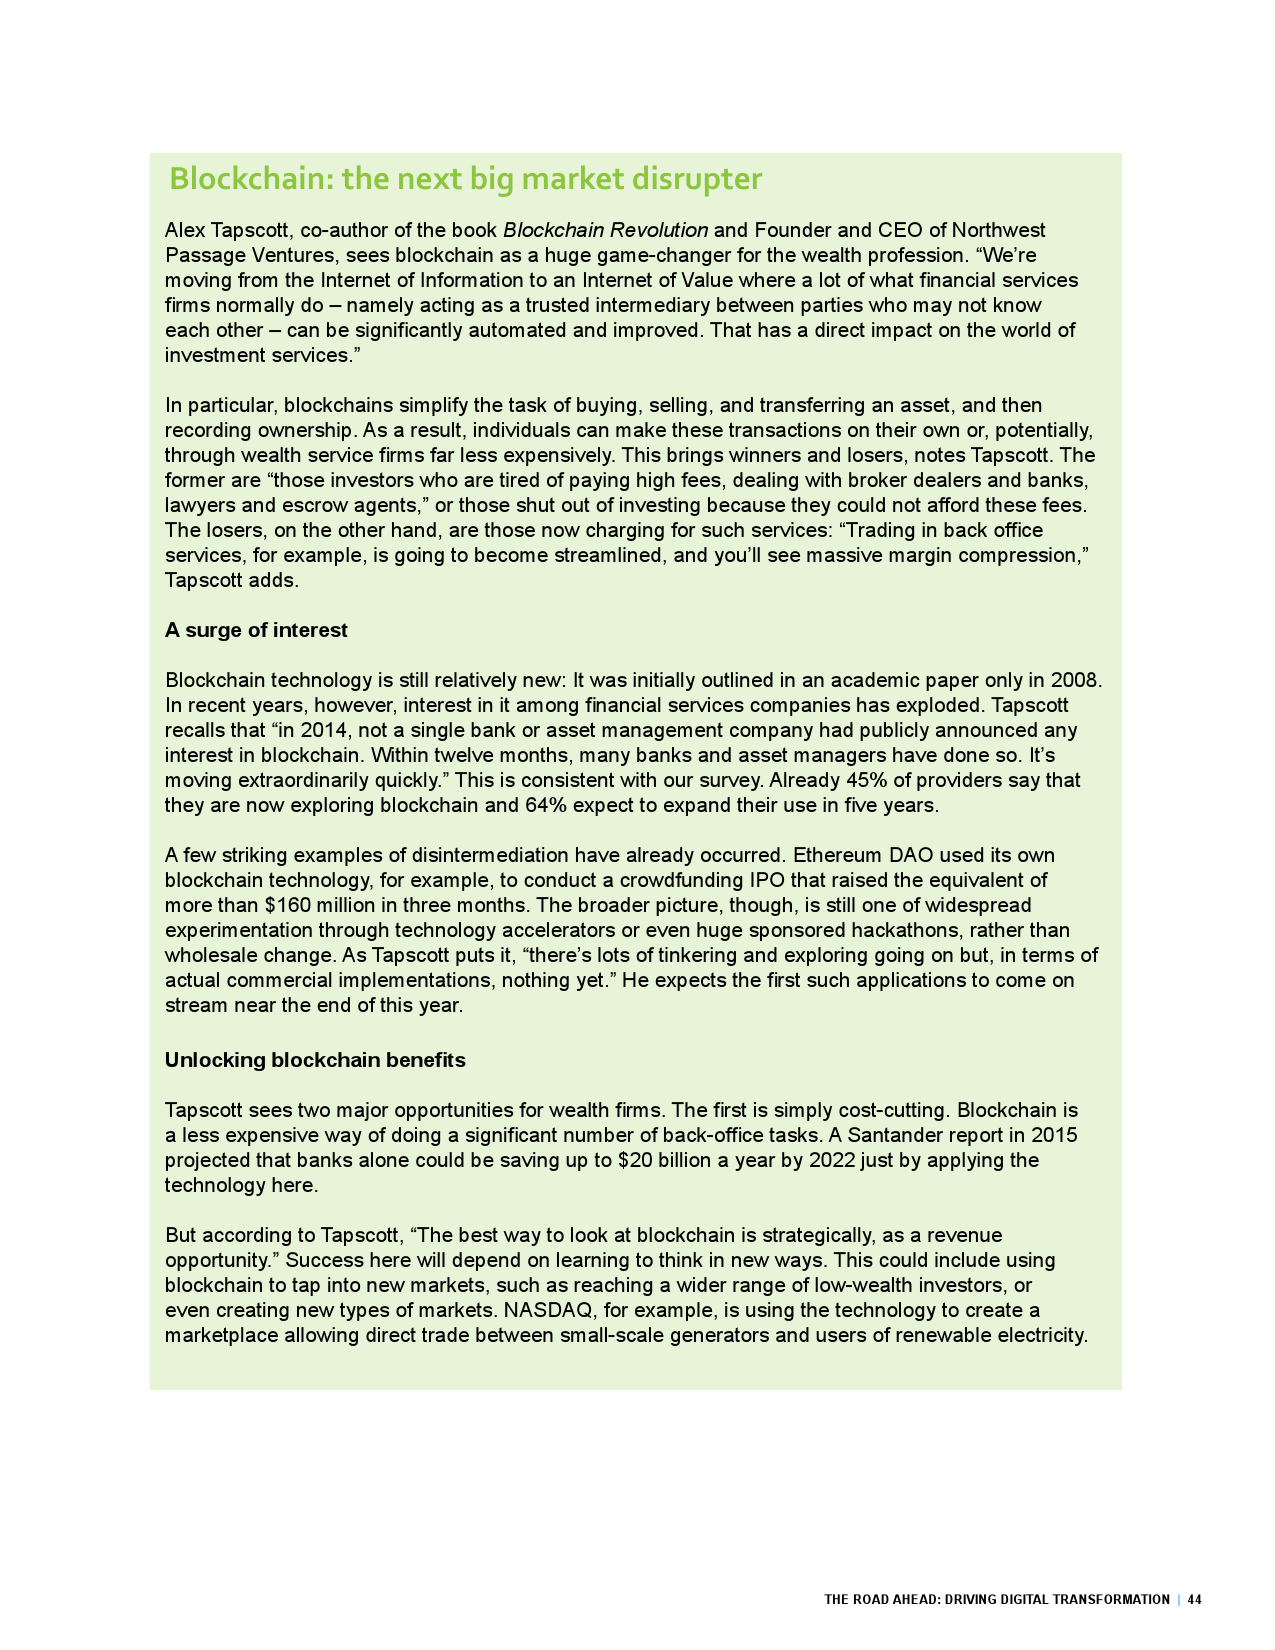 2021年资产和资产管理_000045